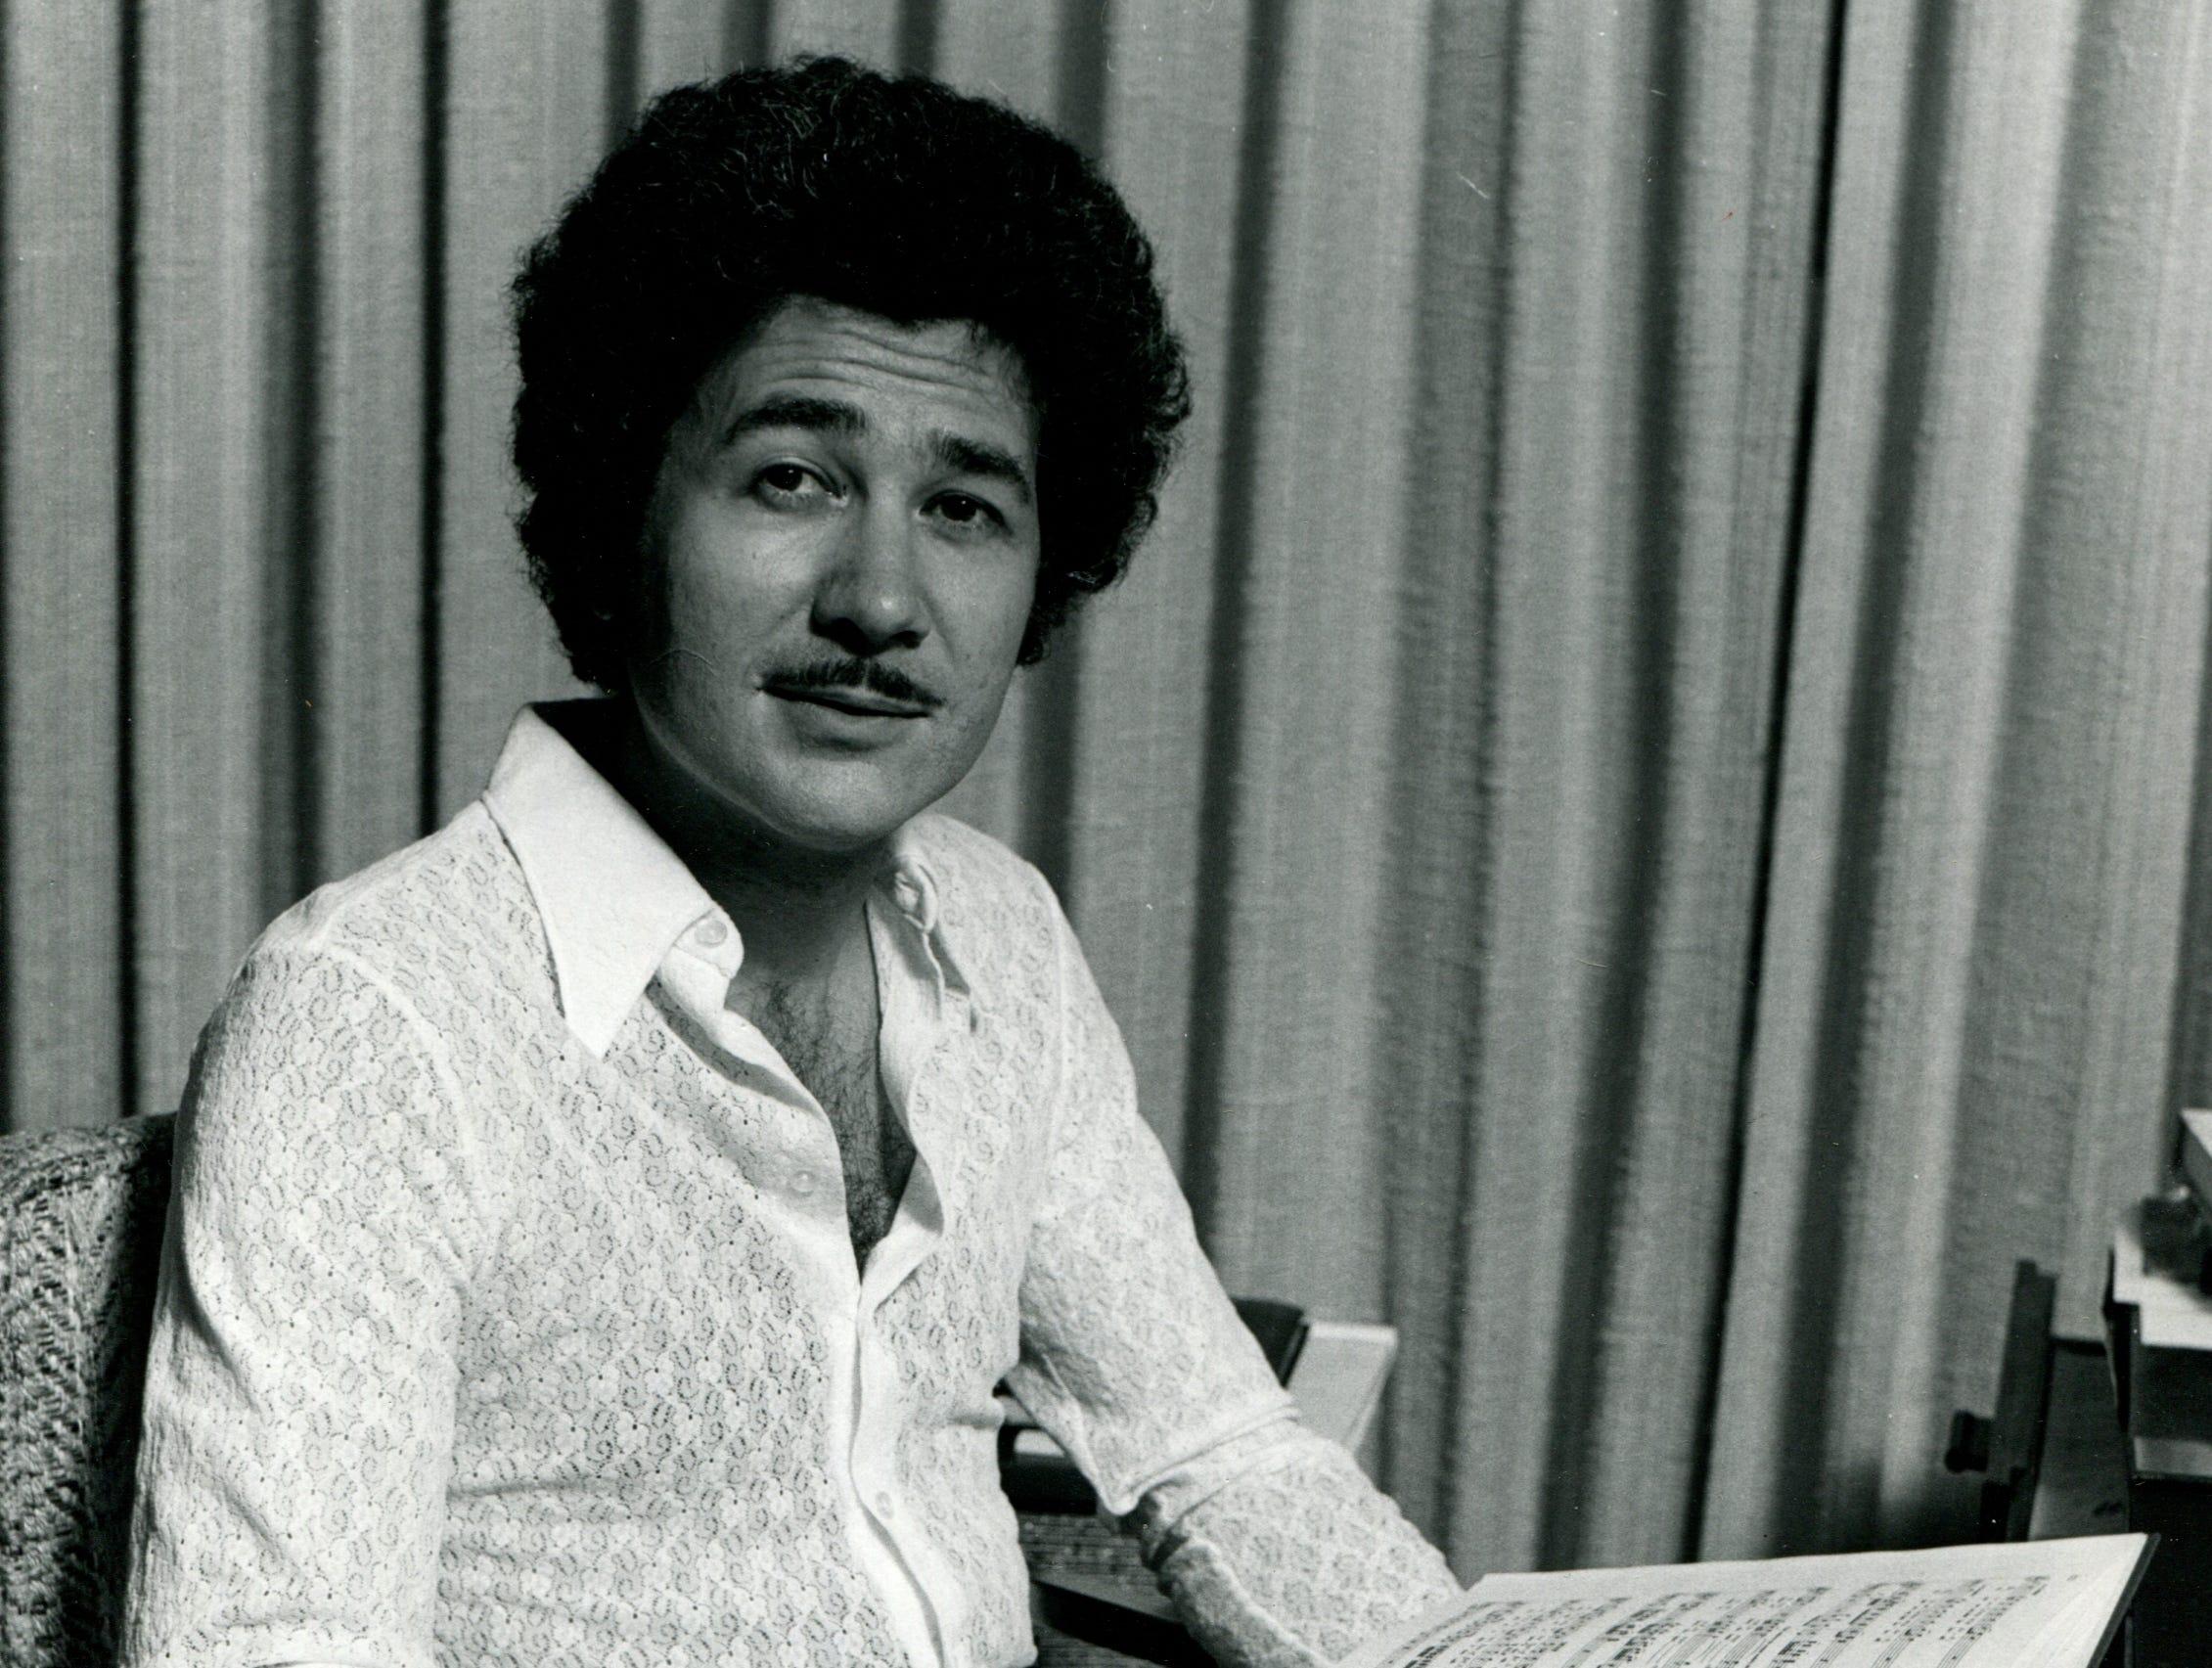 Conductor David DiChiera on May 4, 1973.